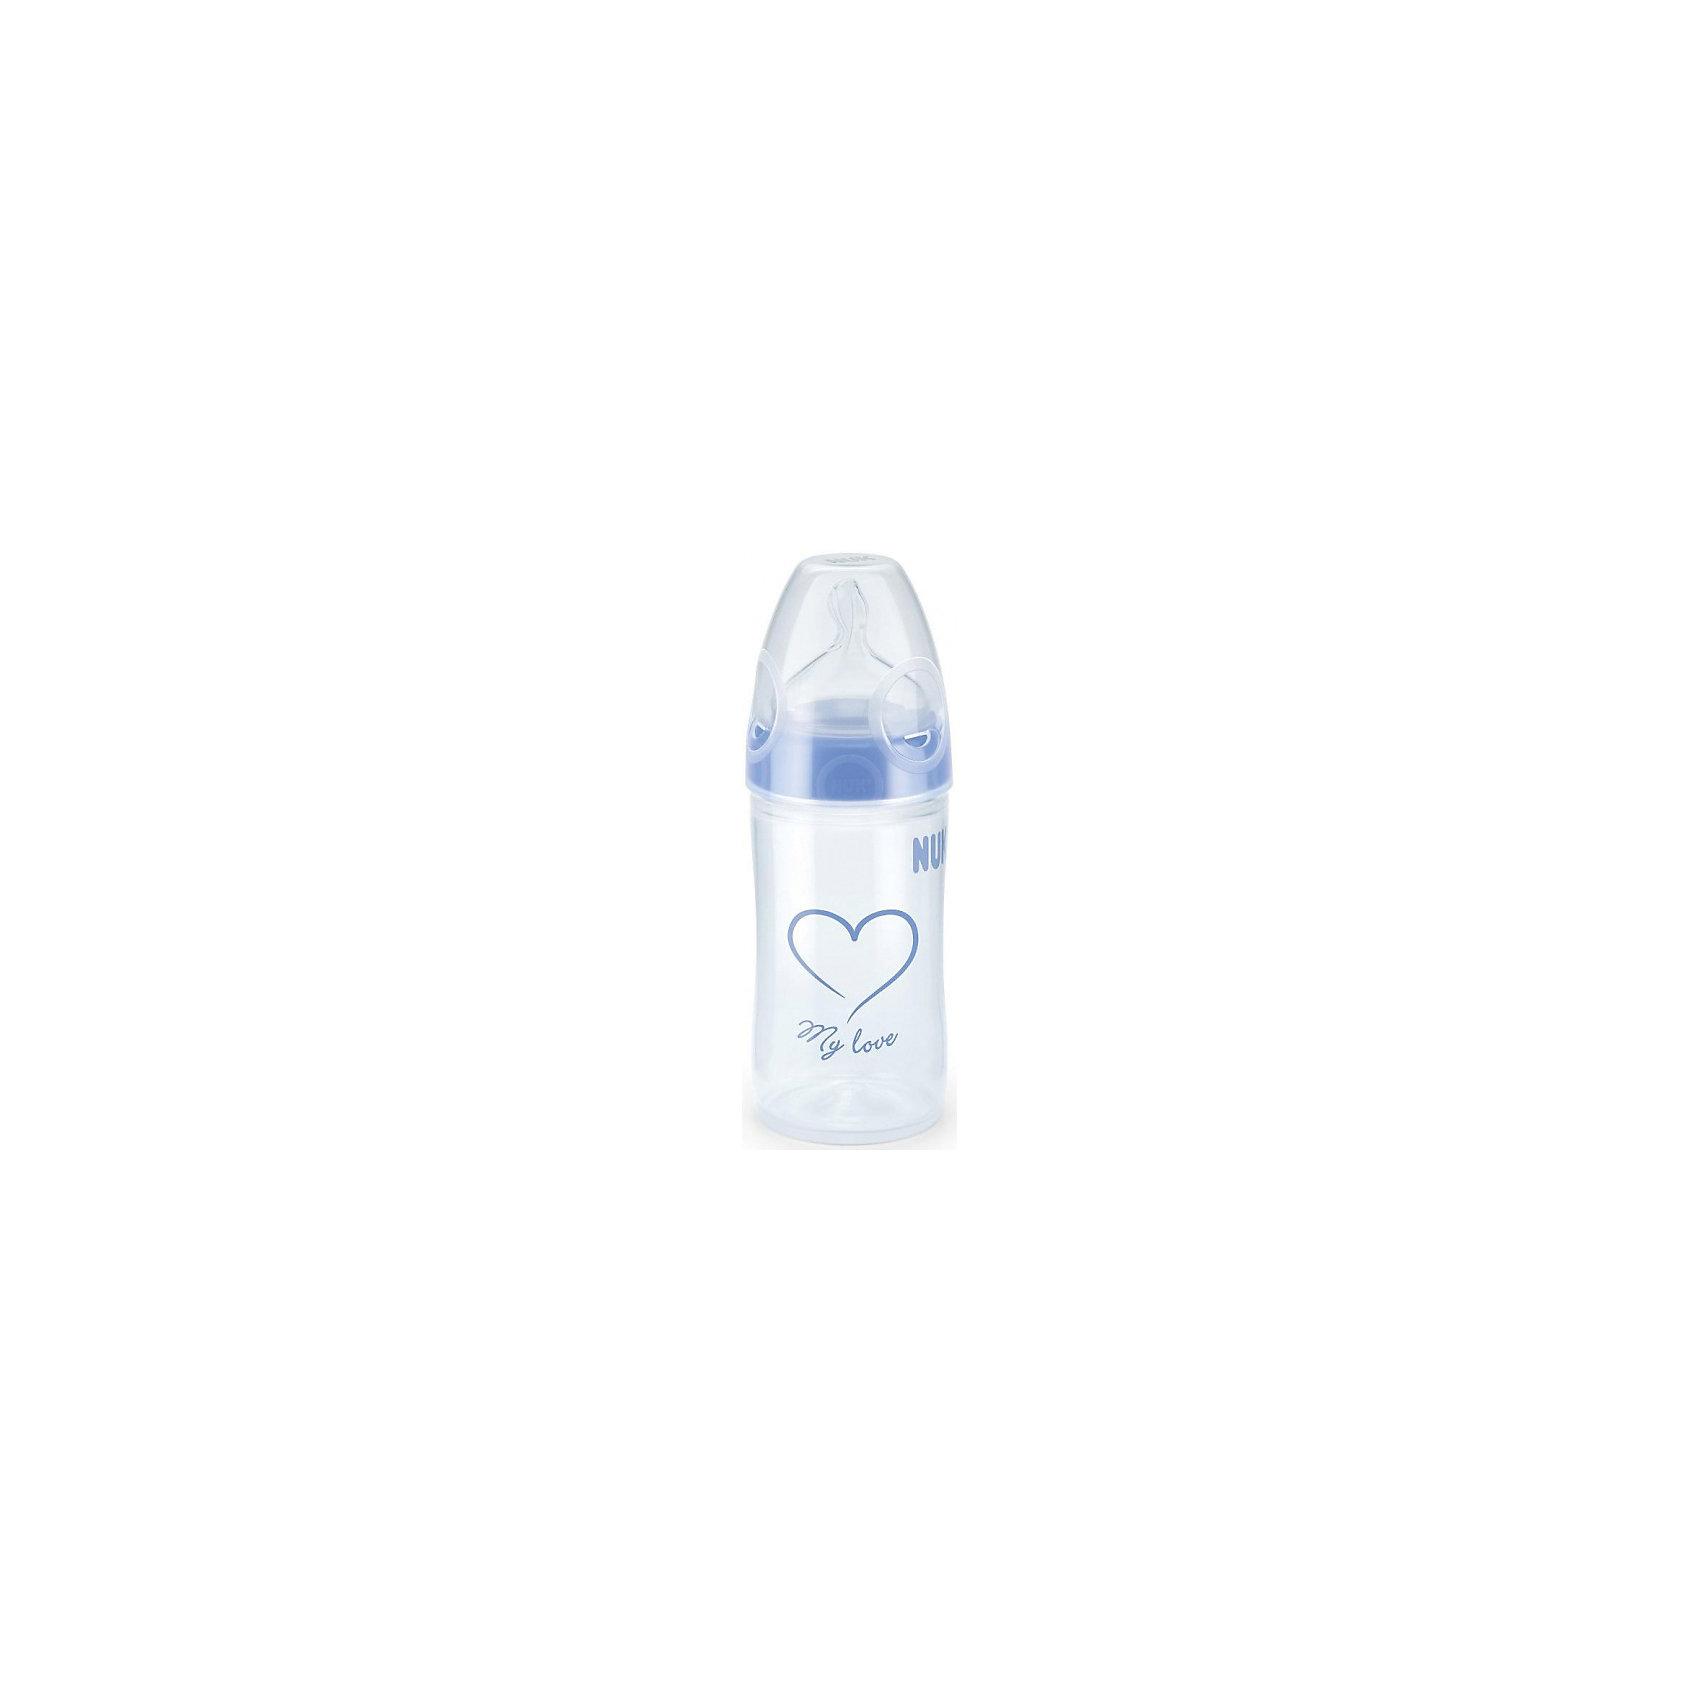 Бутылочка First Choice New Classic с широким горлом, 150 мл., NUK, голубойБутылочки и аксессуары<br>Характеристики изделия:<br><br>- объем: 150 мл;<br>- цвет: голубой;<br>- материал: латекс, полипропилен;<br>- широкое горло;<br>- система Anti-Colic Air System;<br>- для смешанного вскармливания;<br>- возраст: 0-6 месяцев.<br><br>Детские товары существенно облегчают жизнь молодым мамам. Существует множество полезных в период материнства вещей. К таким относится обыкновенная пластиковая бутылочка-поильник. <br>Данная модель оптимально подходит для детей, которых приучают есть самостоятельно. Мягкий материал соски подойдет для ротовой полости ребенка. Предмет удобно держать. Бутылочка легко очищается от любых поверхностных загрязнений, так как имеет удобное широкое горлышко. Оптимальный объем позволит использовать бутылочку для малышей с рождения до шести месяцев.<br><br>Бутылочку First Choice New Classic от производителя NUK можно купить в нашем магазине.<br><br>Ширина мм: 75<br>Глубина мм: 65<br>Высота мм: 245<br>Вес г: 100<br>Возраст от месяцев: 0<br>Возраст до месяцев: 6<br>Пол: Унисекс<br>Возраст: Детский<br>SKU: 5065248